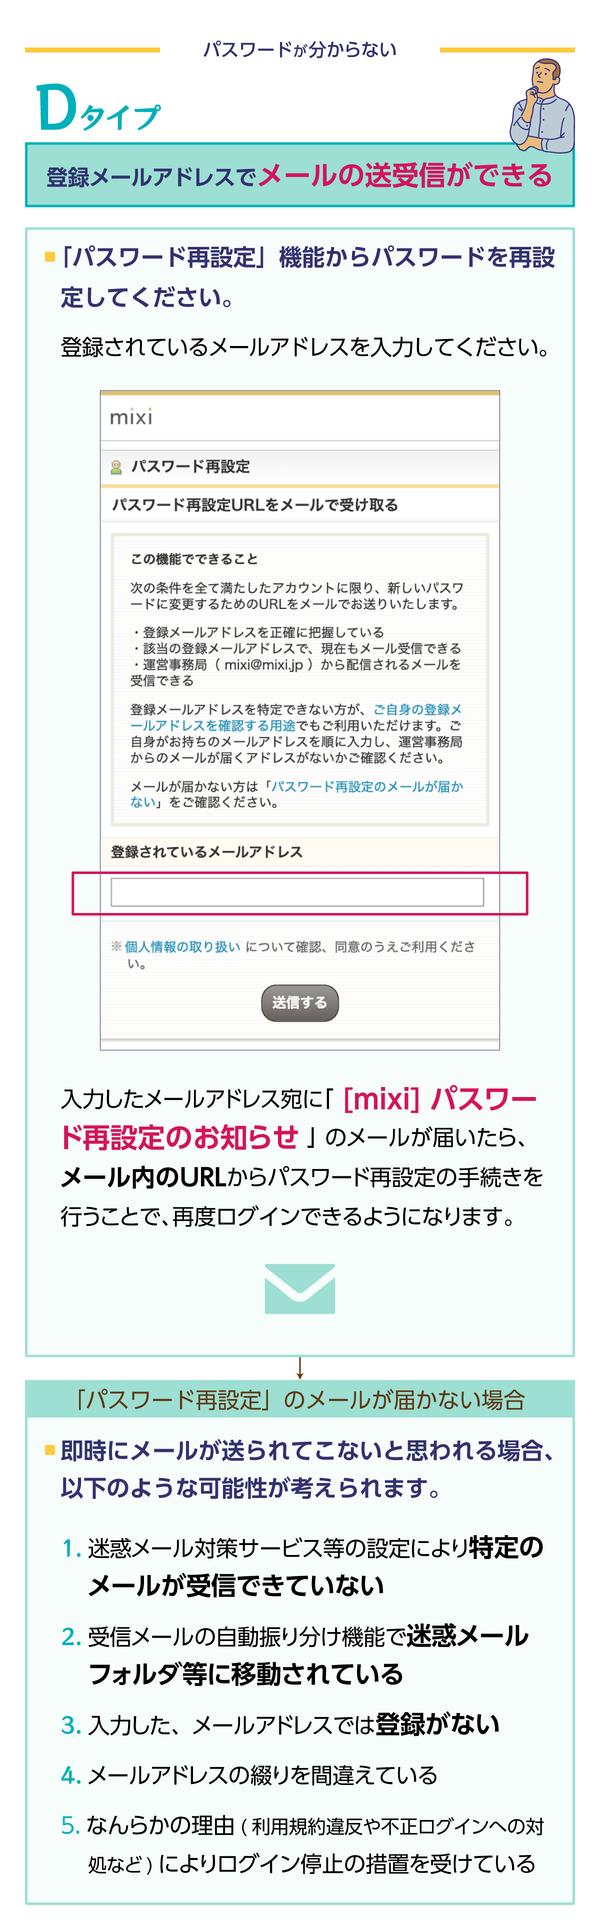 「パスワード再設定」 機能を使って、パスワードを再設定してください。   入力したアドレス宛てに 「パスワード再設定のお知らせ」 のメールが届いたら、メールの案内に従って パスワード再設定 の手続きを行うことで、再びログインできるようになります。   もし 「パスワード再設定のお知らせ」 のメールが届かないときは、次のようなことが考えられます。   1. 迷惑メール対策サービス などでの設定により、特定のメールが受信できていない   2. 受信したメールの 自動振り分け機能 により、迷惑メール のフォルダなどに移されている   3. 入力した メールアドレス では、アカウントは登録されていない   4. メールアドレスの つづり を間違えている   5. 何らかの理由により、ログイン停止の措置を受けている (例、利用規約違反 や 不正ログインへの対処 など)